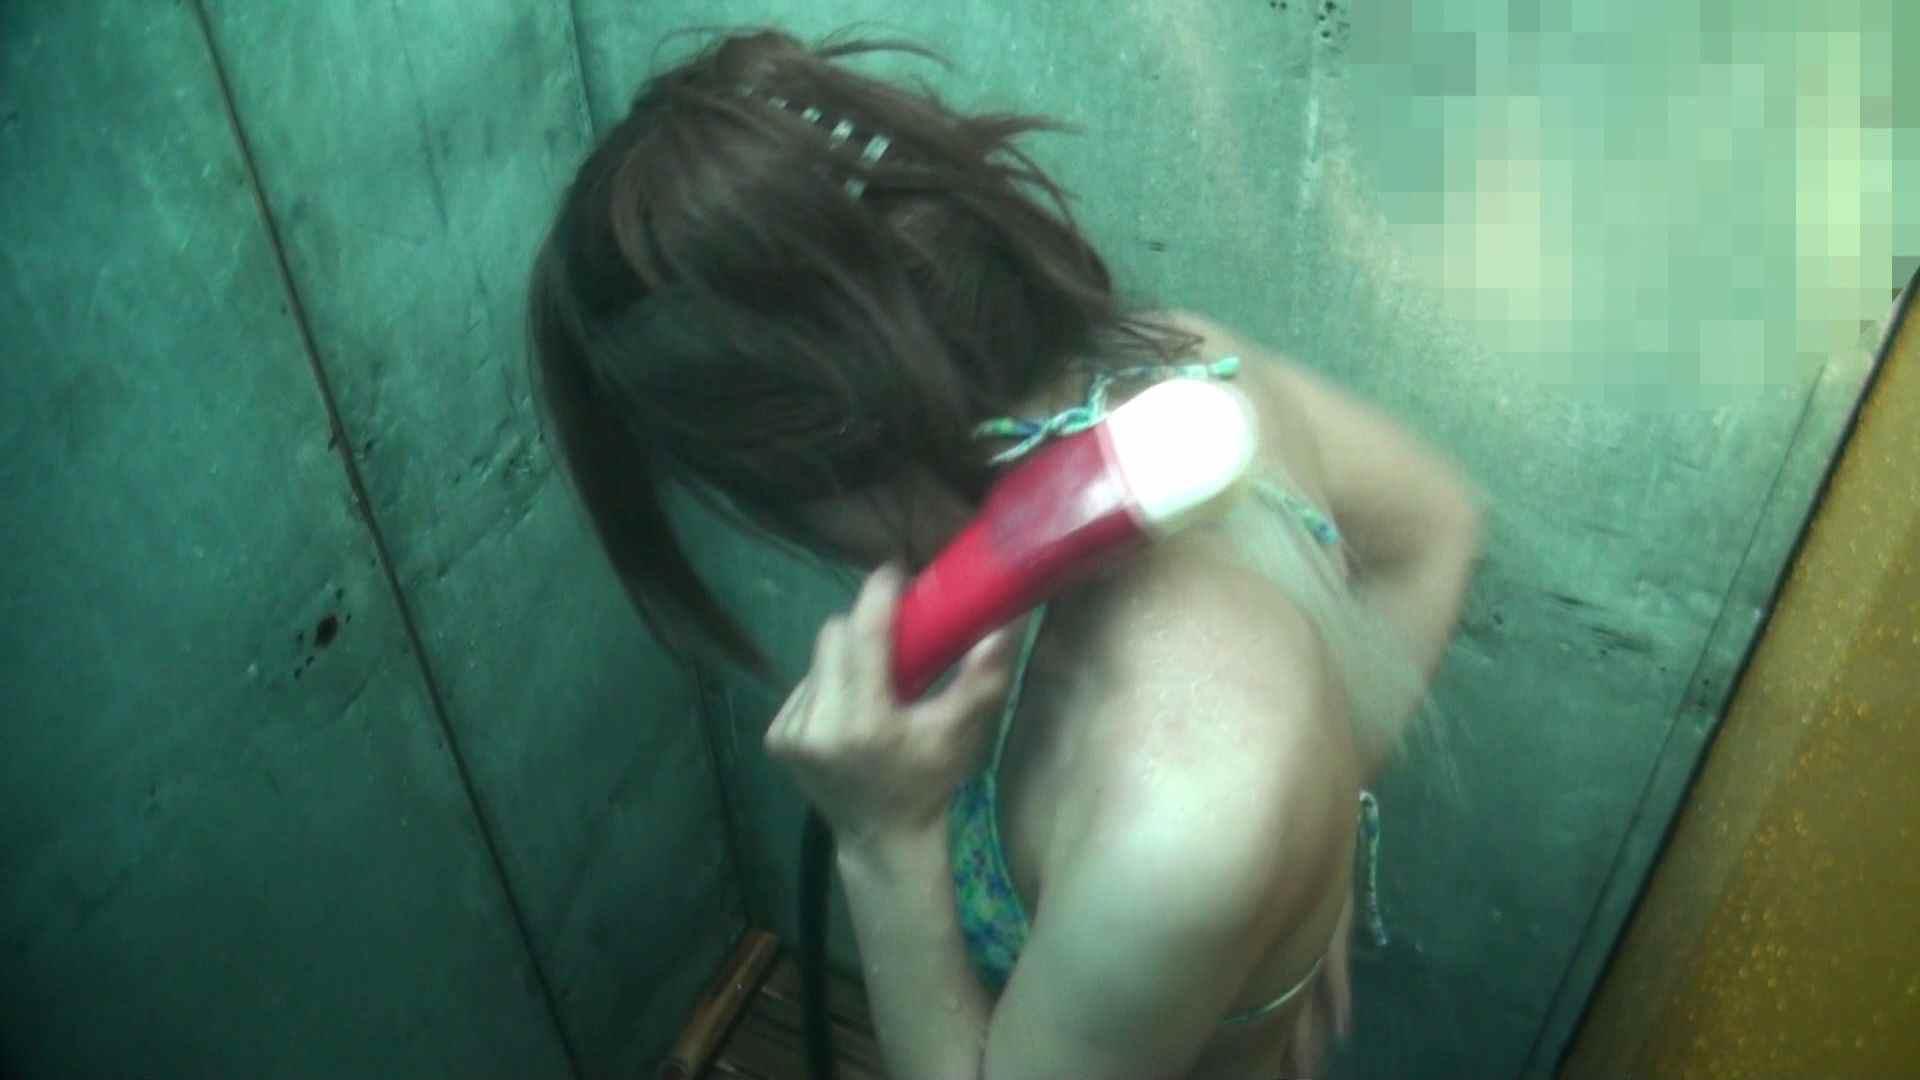 シャワールームは超!!危険な香りVol.15 残念ですが乳首未確認 マンコの砂は入念に シャワー 隠し撮りオマンコ動画紹介 63連発 18